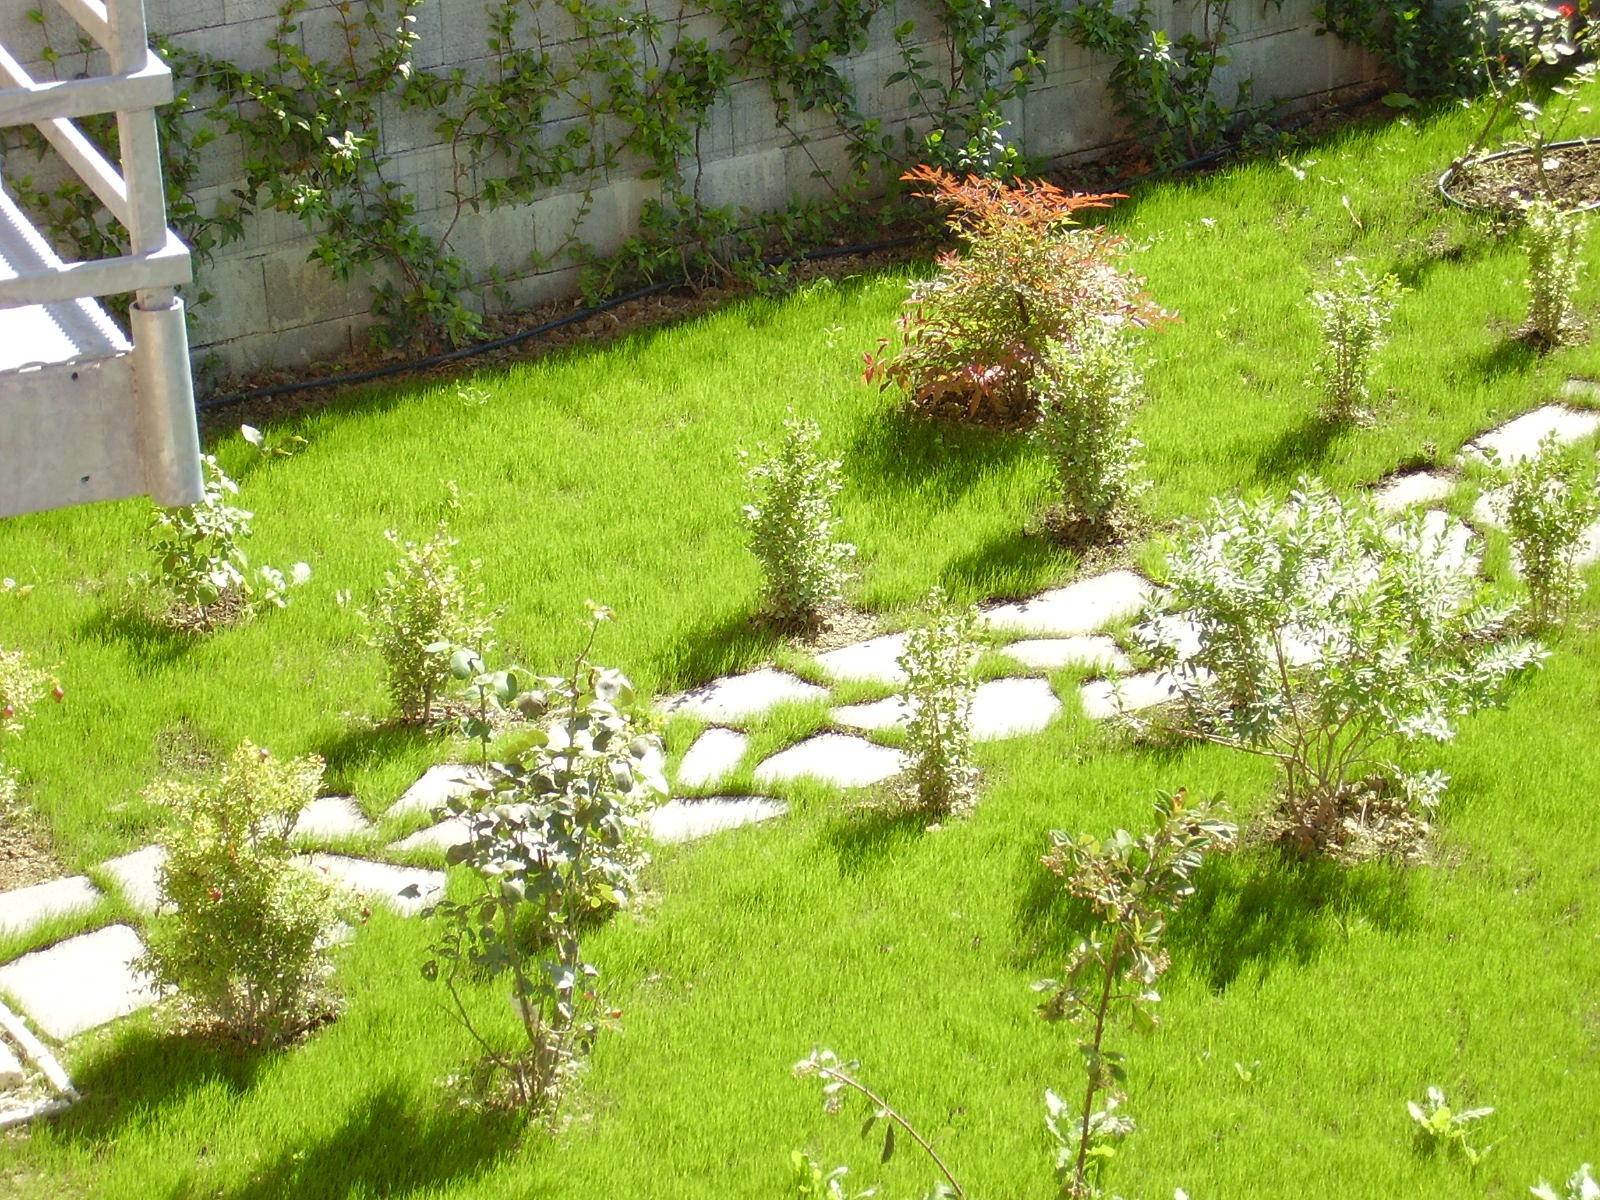 Camminamenti spazio verde riccione - Camminamento pietra giardino ...